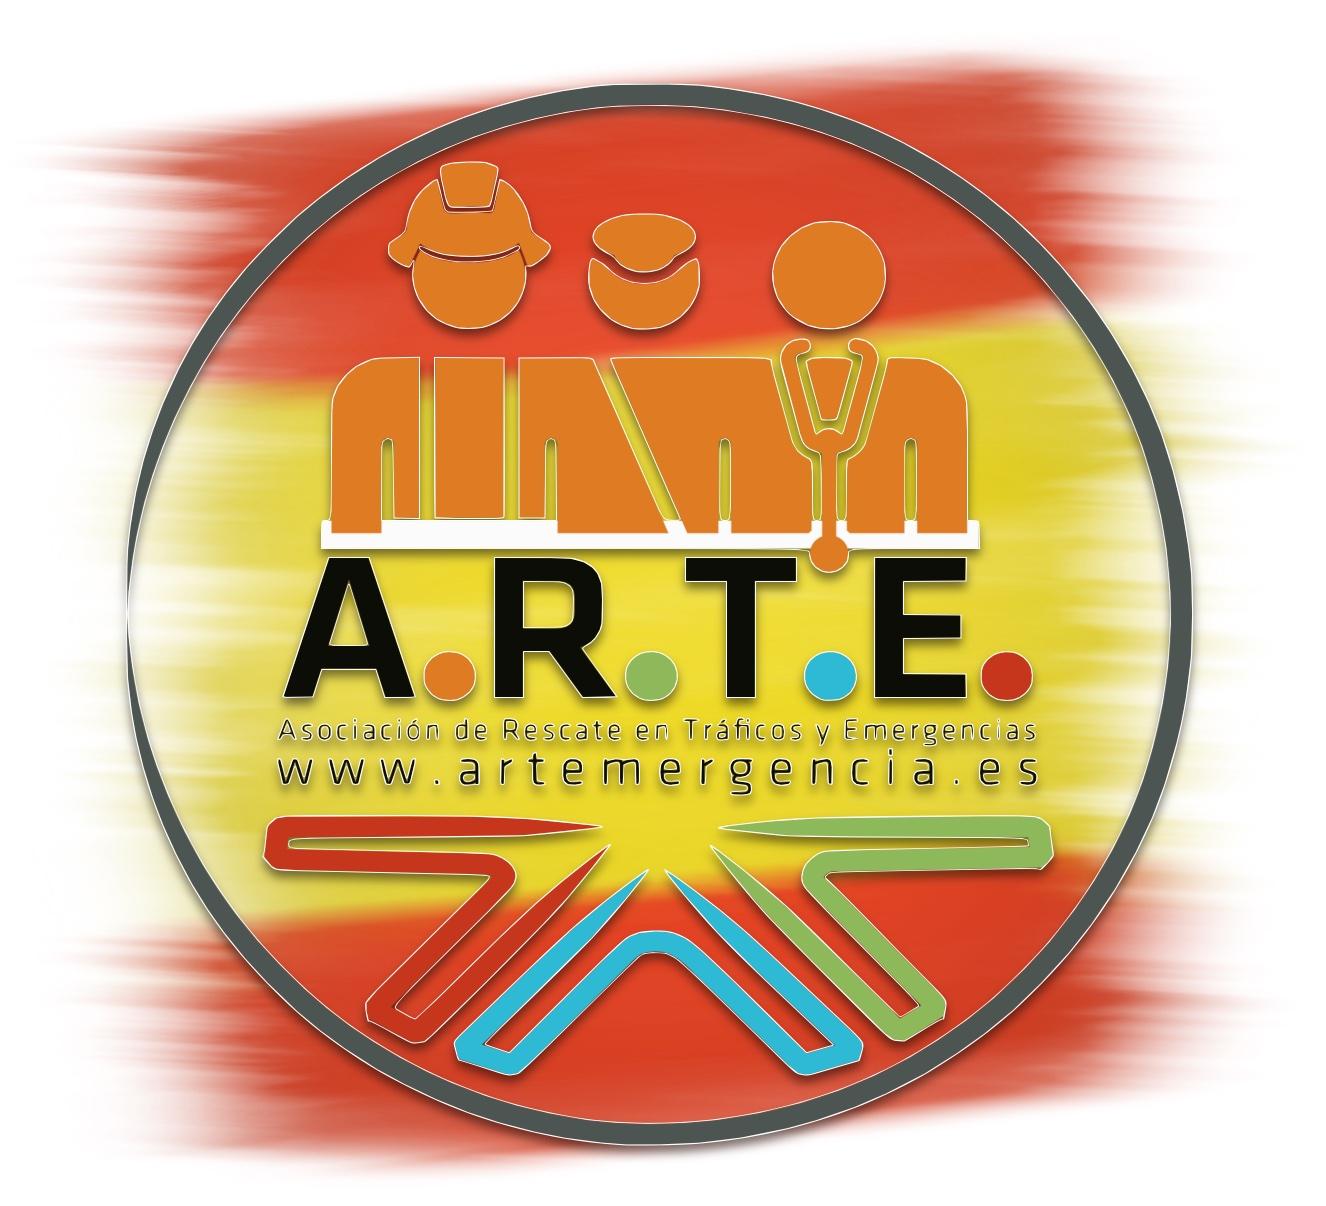 https://artemergencia.es/wp-content/uploads/2018/05/ARTEespañajpg.jpg